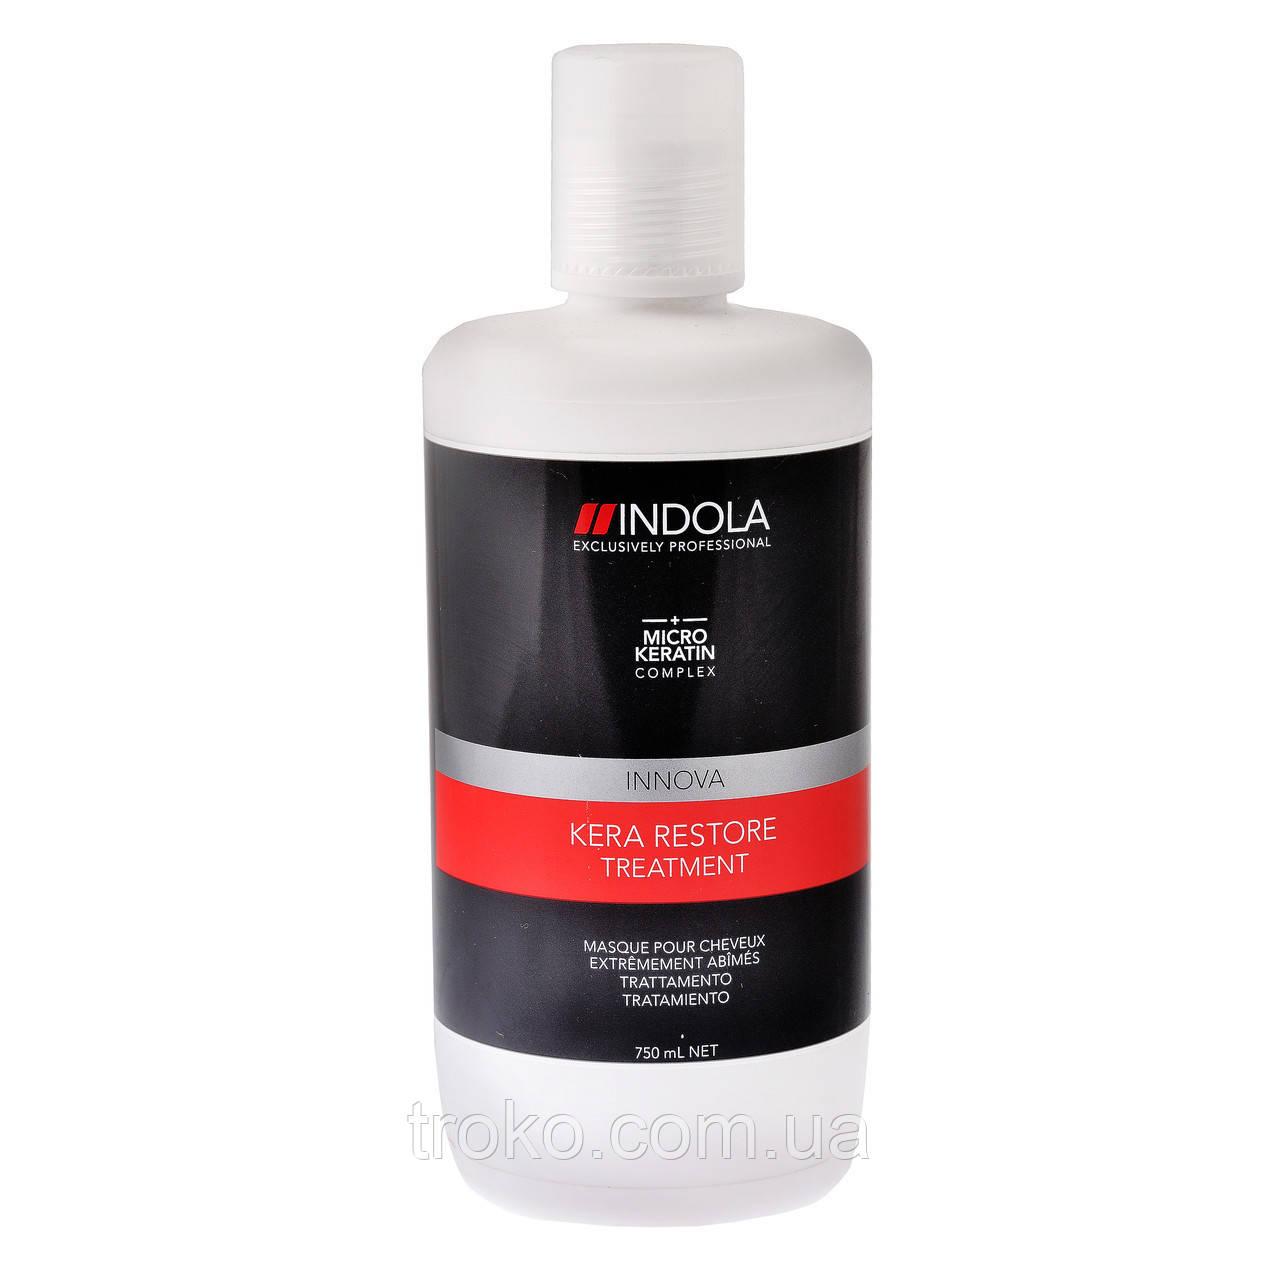 Indola Kera Restore Treatment маска для волос кератиновое восстановление, 750 мл